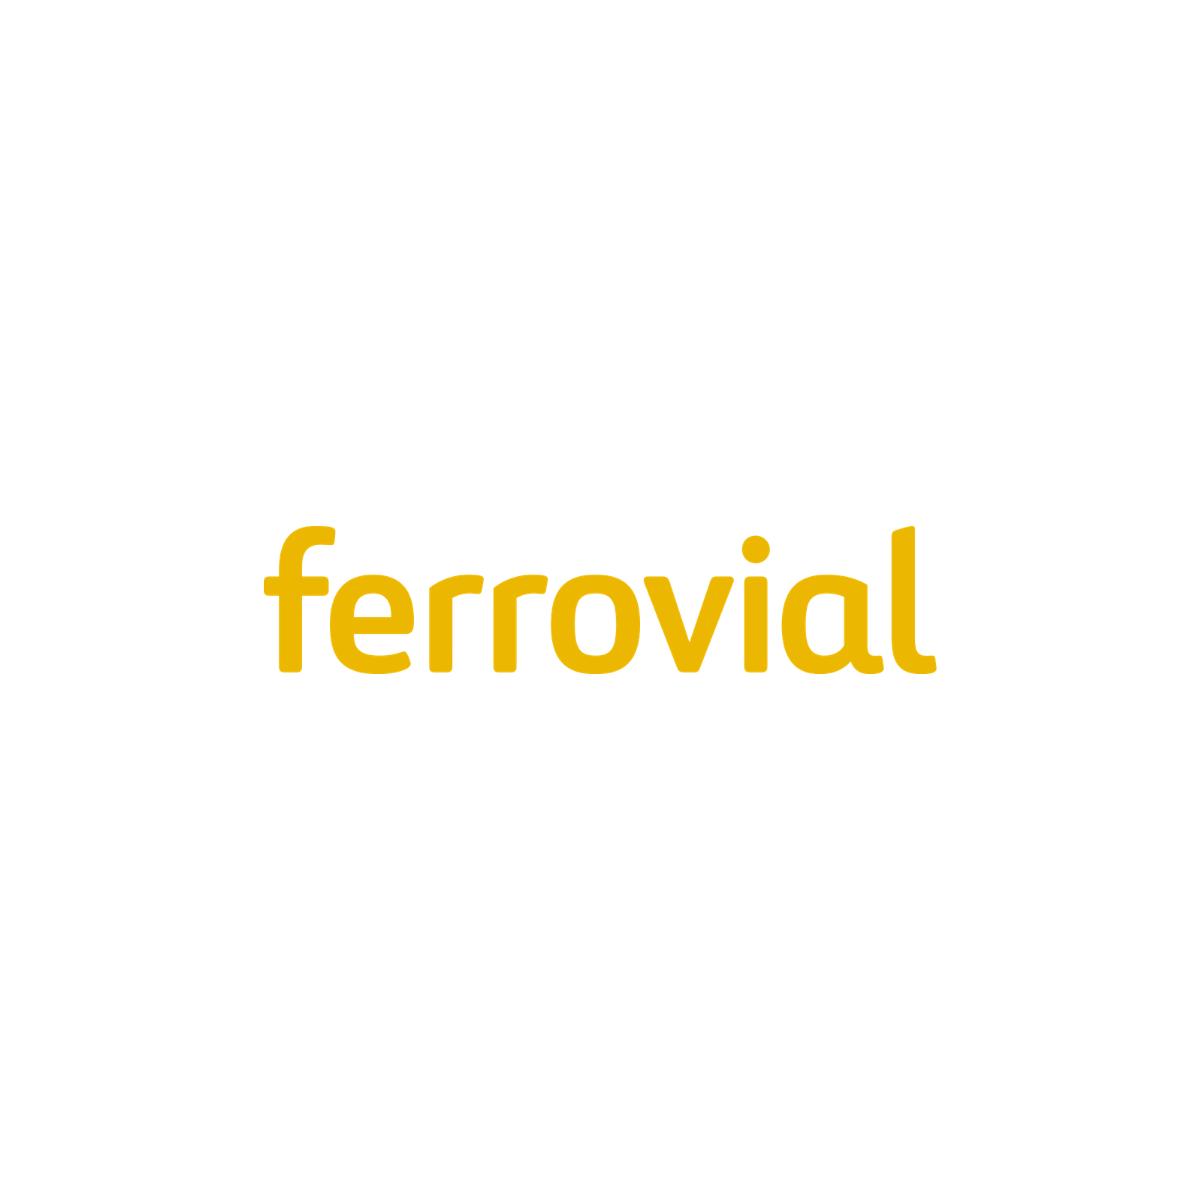 Ferrovial Angreman logo